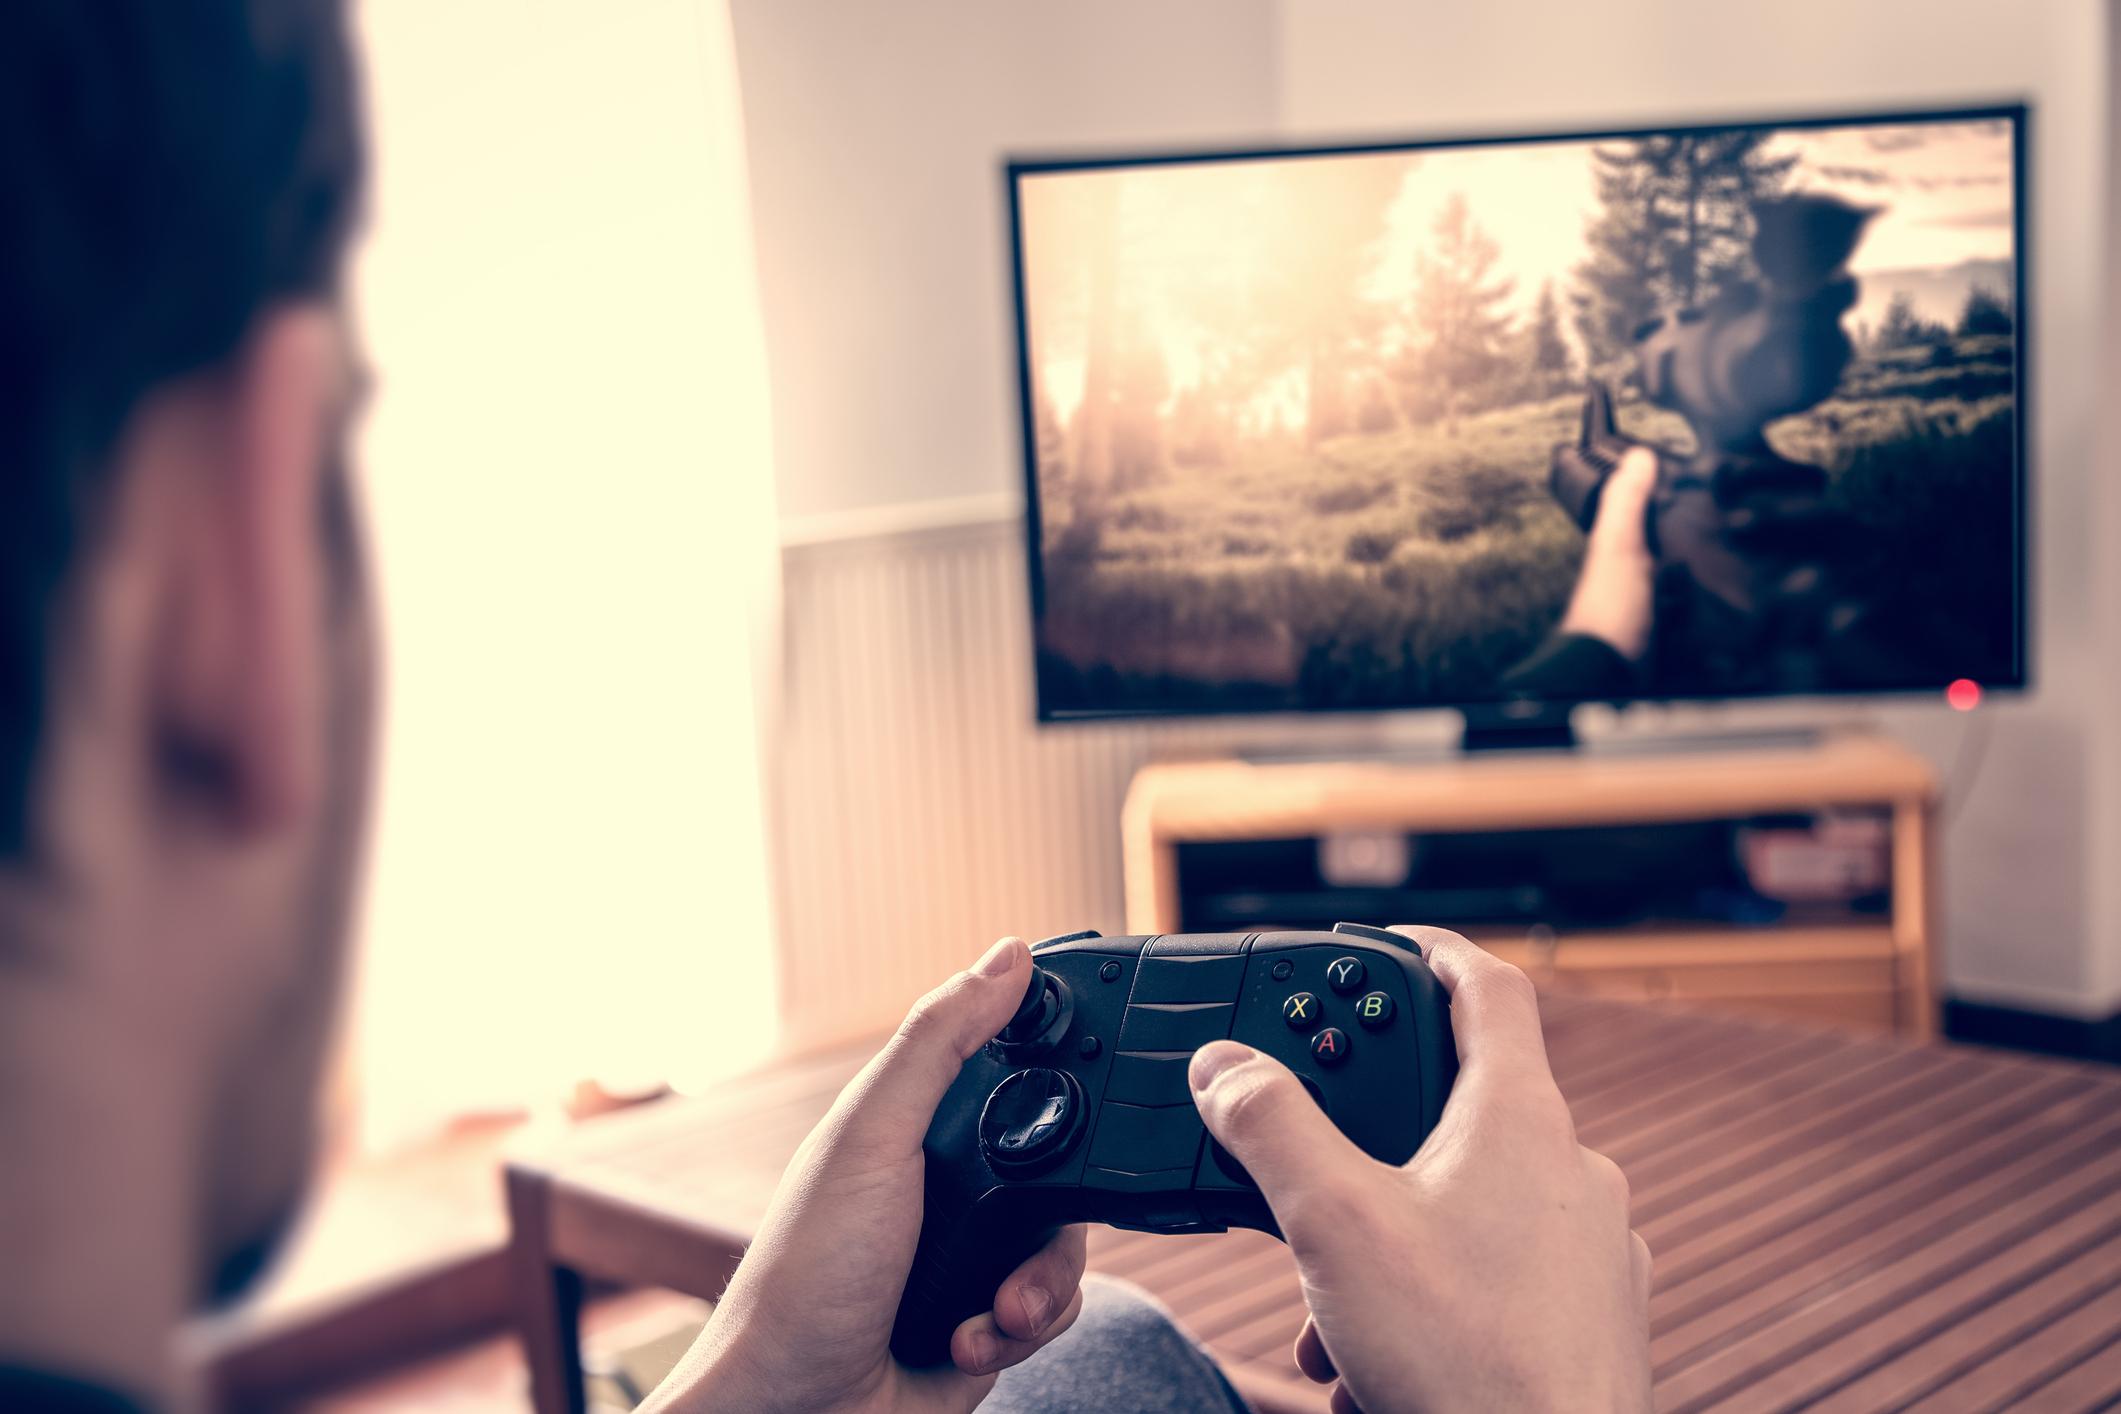 Does an All-Digital Xbox Make Sense?